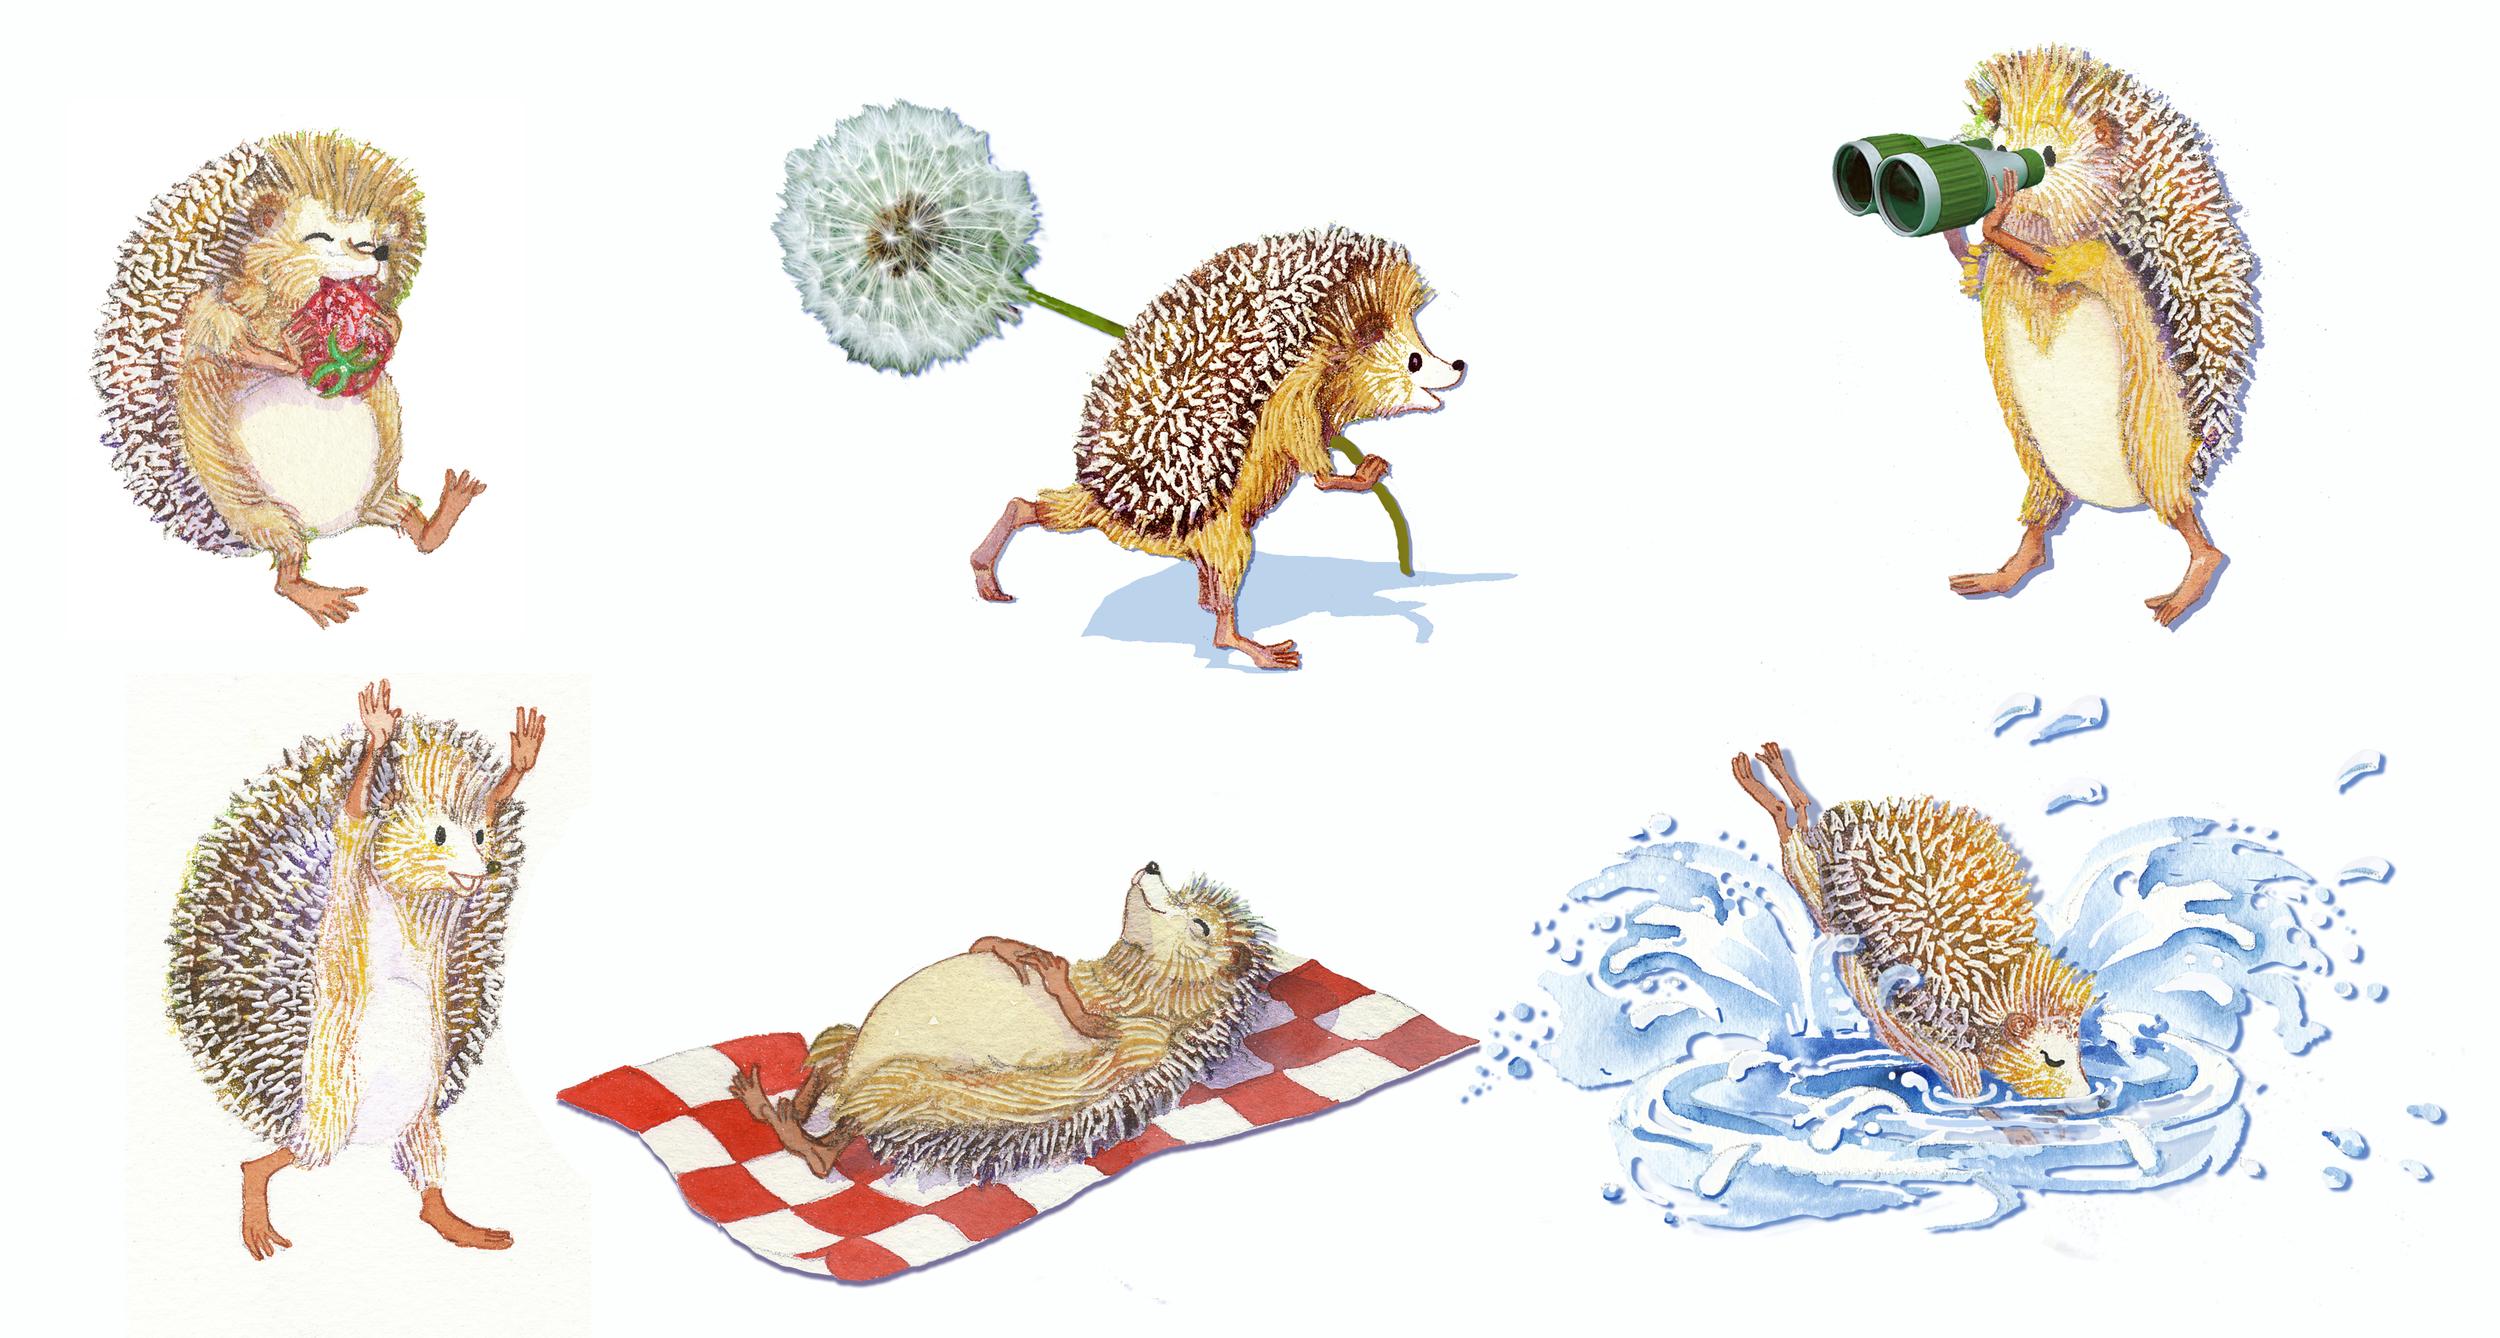 Hedgehog_character.jpg